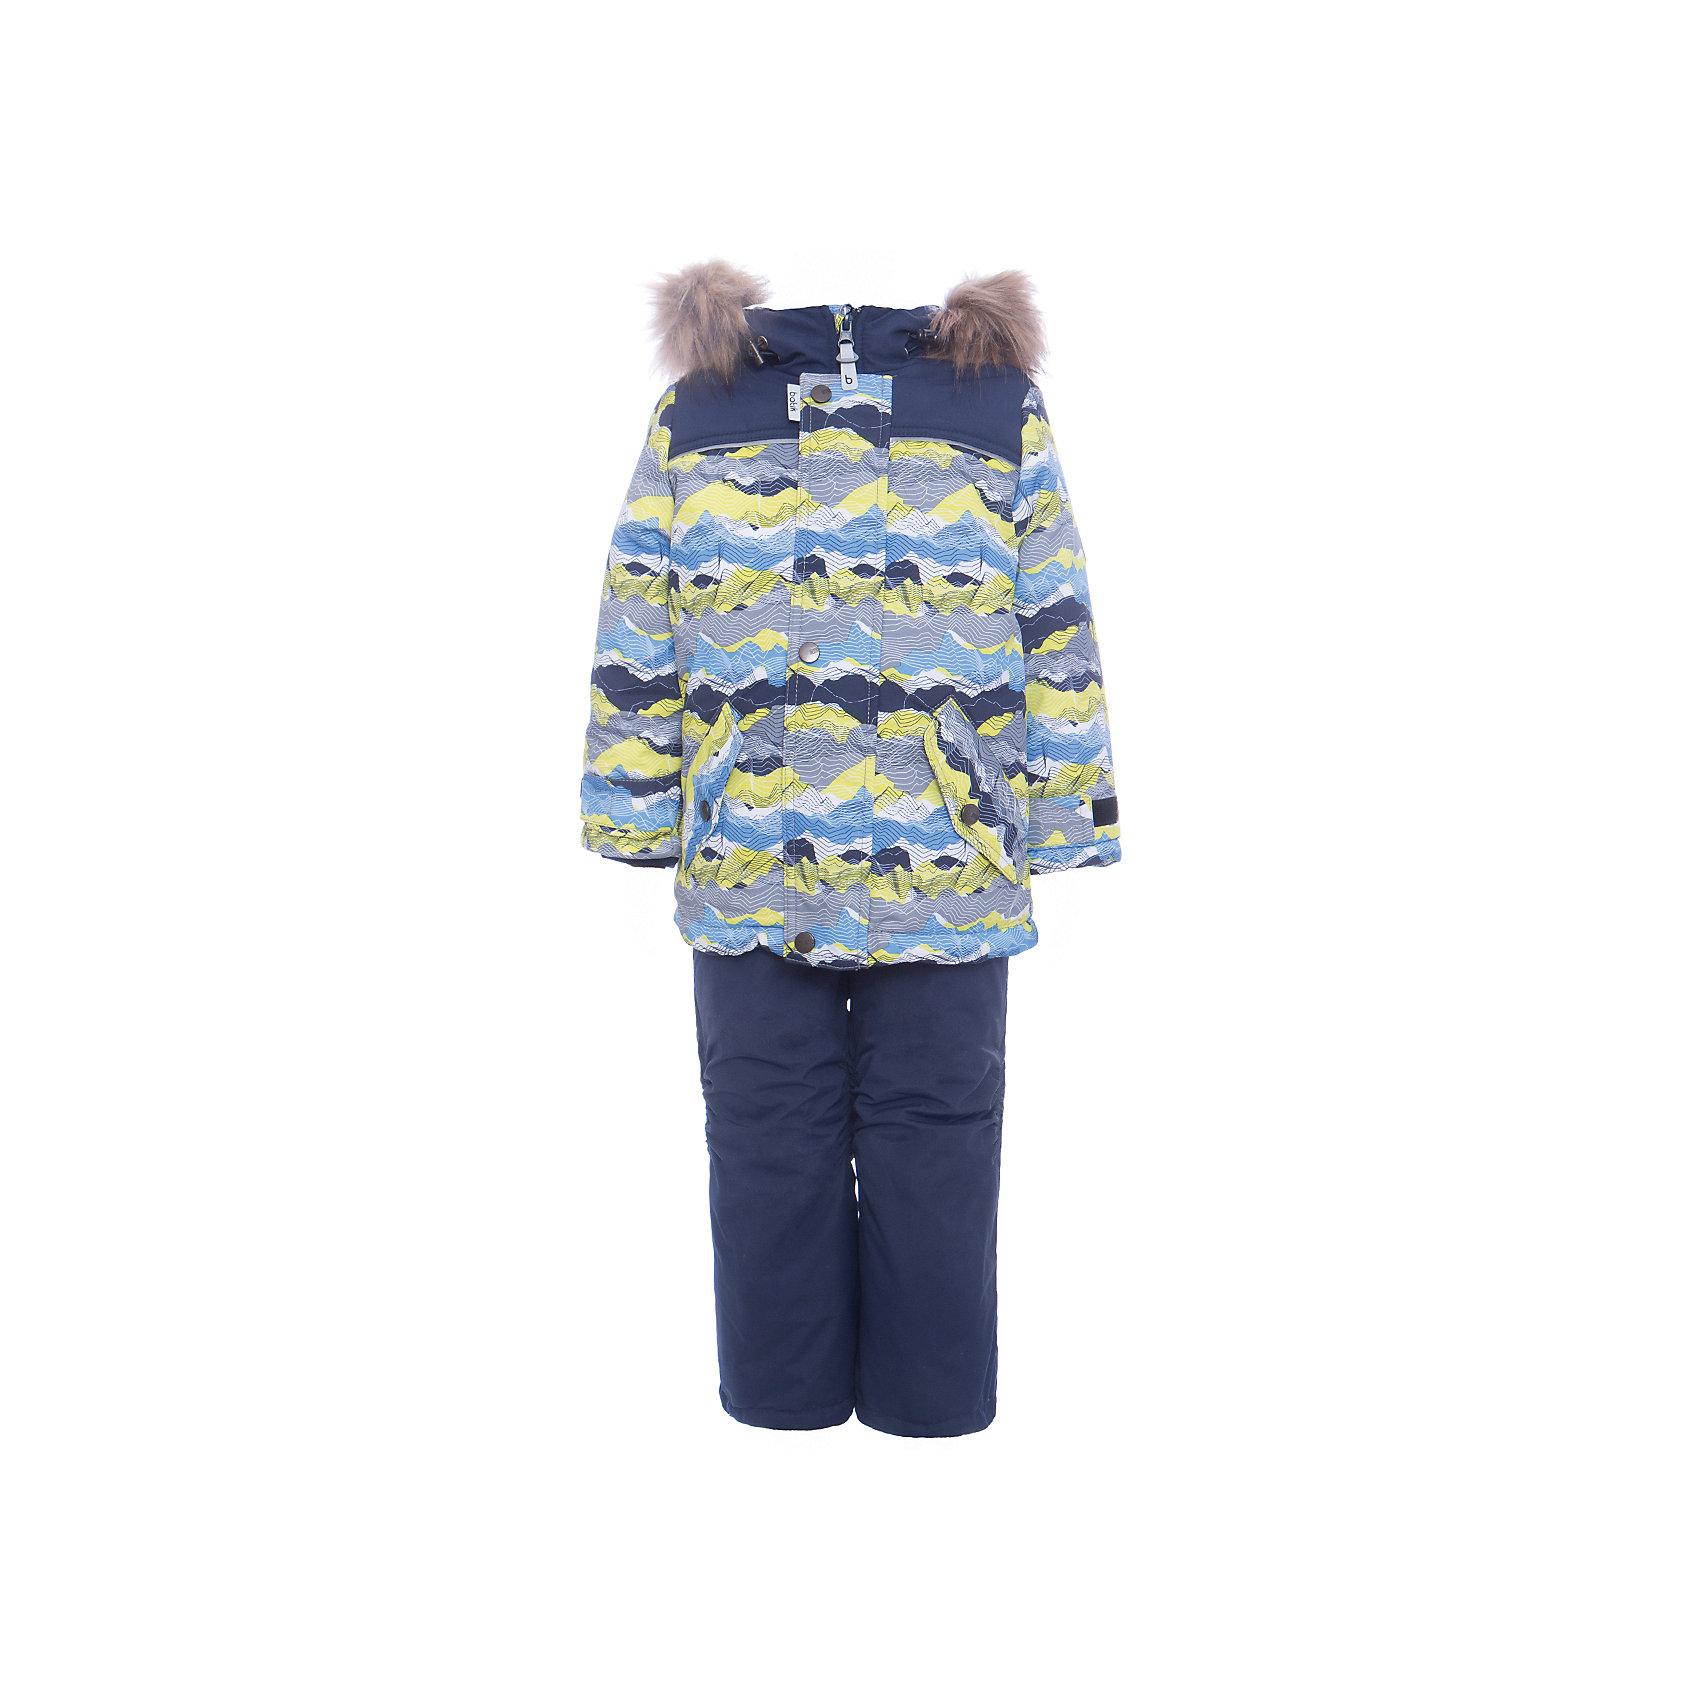 Комплект: куртка и полукомбенизон Адам Batik для мальчикаВерхняя одежда<br>Характеристики товара:<br><br>• цвет: бирюзовый<br>• комплектация: куртка и полукомбинезон, толстовка<br>• состав ткани: таслан<br>• подкладка: поларфлис<br>• утеплитель: слайтекс<br>• сезон: зима<br>• мембранное покрытие<br>• температурный режим: от -35 до 0<br>• водонепроницаемость: 5000 мм <br>• паропроницаемость: 5000 г/м2<br>• плотность утеплителя: куртка - 350 г/м2, полукомбинезон - 200 г/м2<br>• застежка: молния<br>• капюшон: с мехом, отстегивается<br>• силиконовые штрипки<br>• встроенный термодатчик<br>• страна бренда: Россия<br>• страна изготовитель: Россия<br><br>Флисовая подкладка детского комплекта для зимы обеспечивает высокий уровень комфорта. Мембранное покрытие такого комплекта для мальчика позволяет ребенку не мерзнуть в сильный мороз. Это зимний комплект для мальчика дополнен удобными карманами и капюшоном. Зимний детский комплект защитит ребенка от попадания снега внутрь благодаря манжетам. <br><br>Комплект: куртка и полукомбинезон Адам Batik (Батик) для мальчика можно купить в нашем интернет-магазине.<br><br>Ширина мм: 356<br>Глубина мм: 10<br>Высота мм: 245<br>Вес г: 519<br>Цвет: зеленый<br>Возраст от месяцев: 60<br>Возраст до месяцев: 72<br>Пол: Мужской<br>Возраст: Детский<br>Размер: 116,92,98,104,110<br>SKU: 7028347